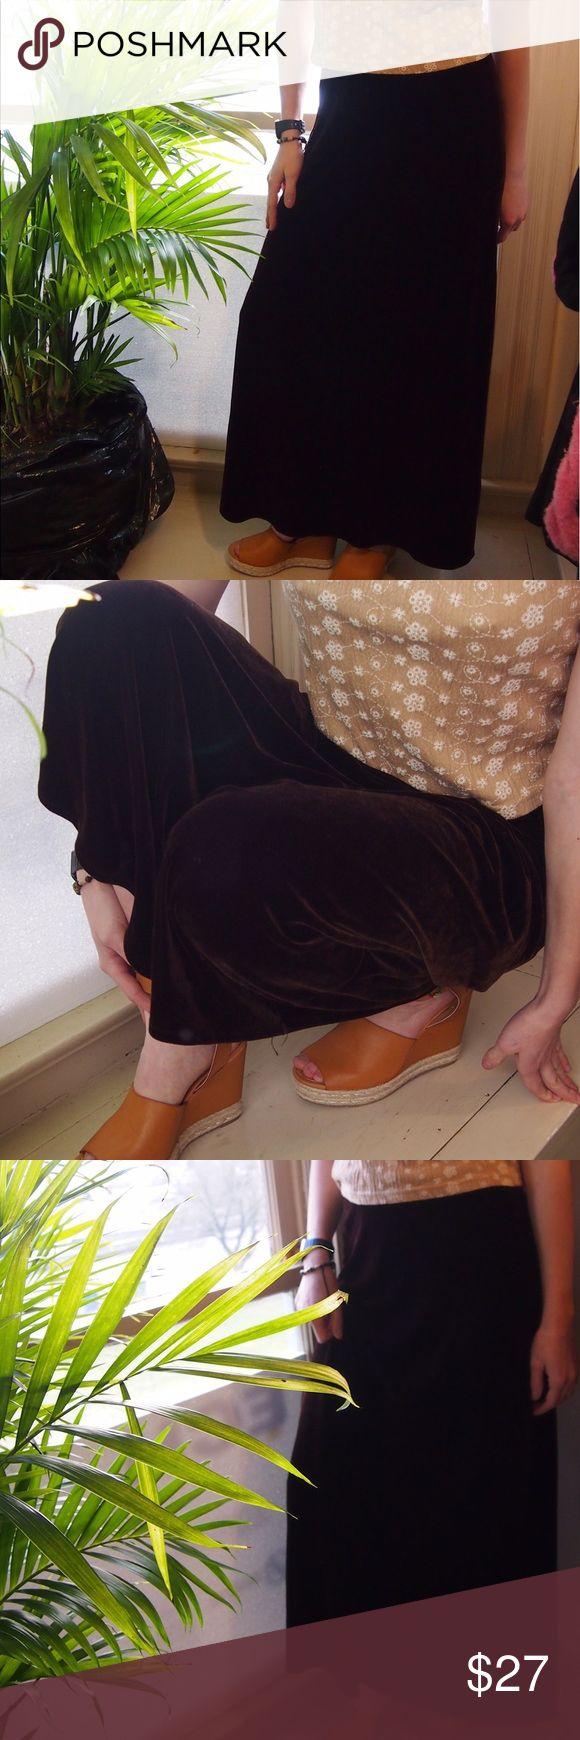 Velvet Brown Maxi Skirt (BCBG Maxazria) Brown long maxi velvet plush skirt. Open to offers. BCBGMaxAzria Skirts Maxi